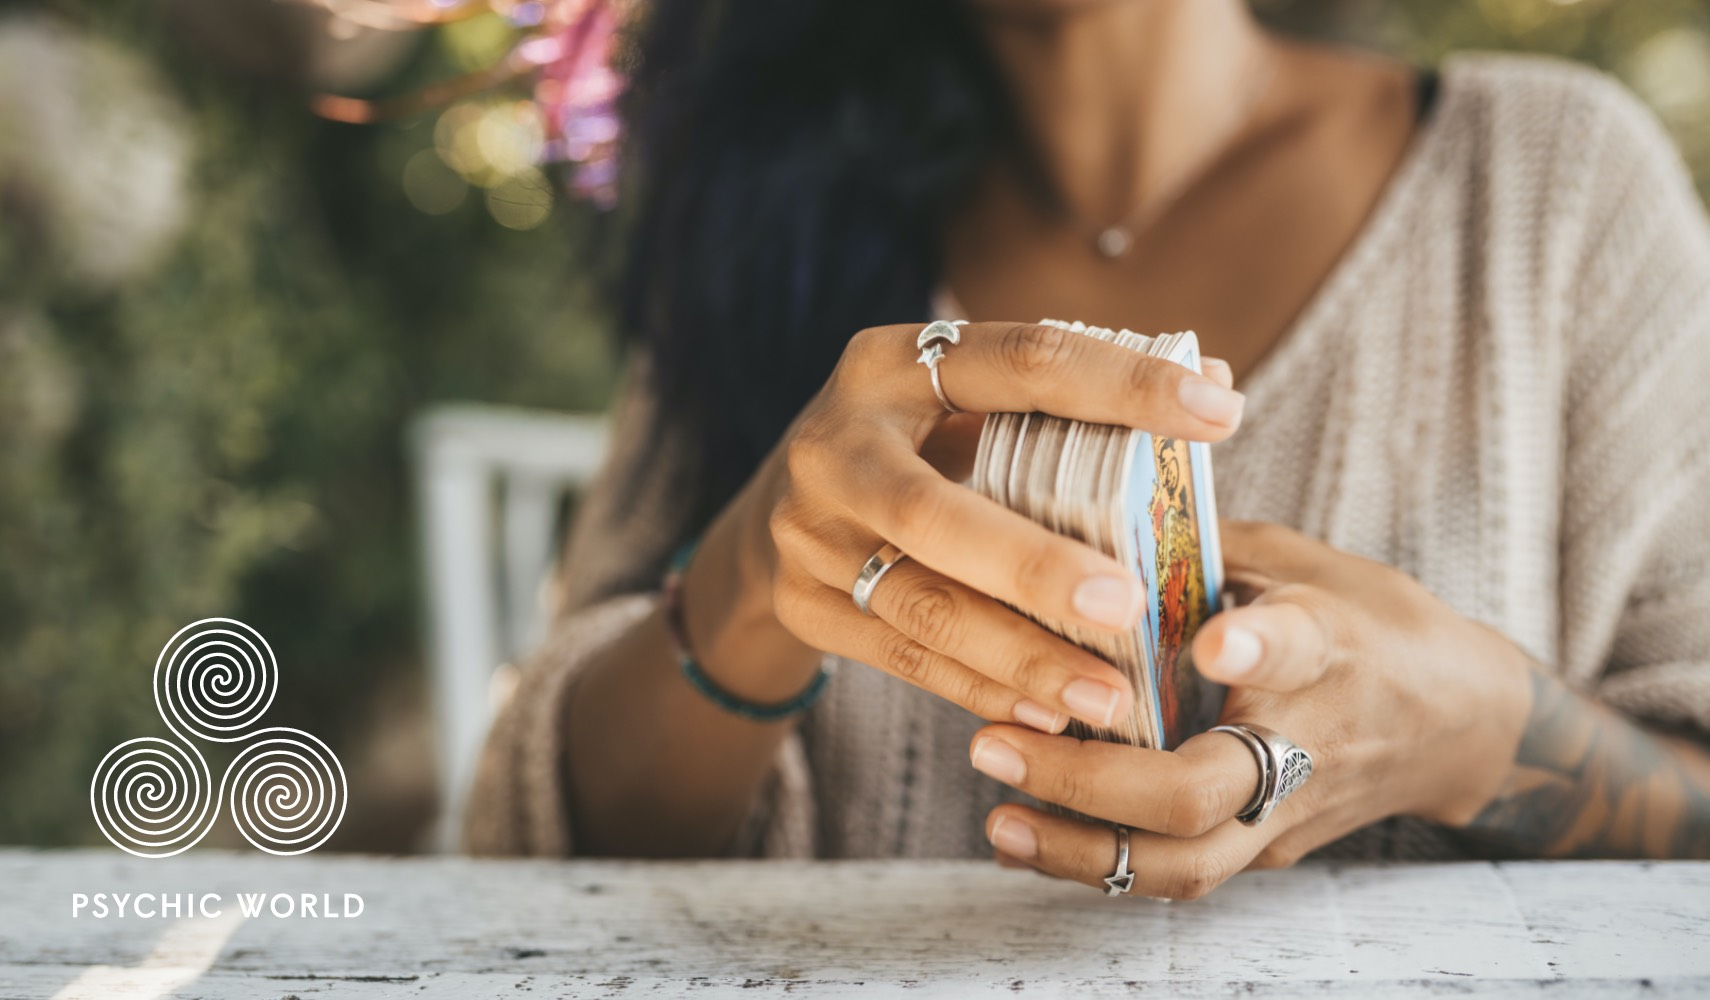 woman shuffling tarot cards outside